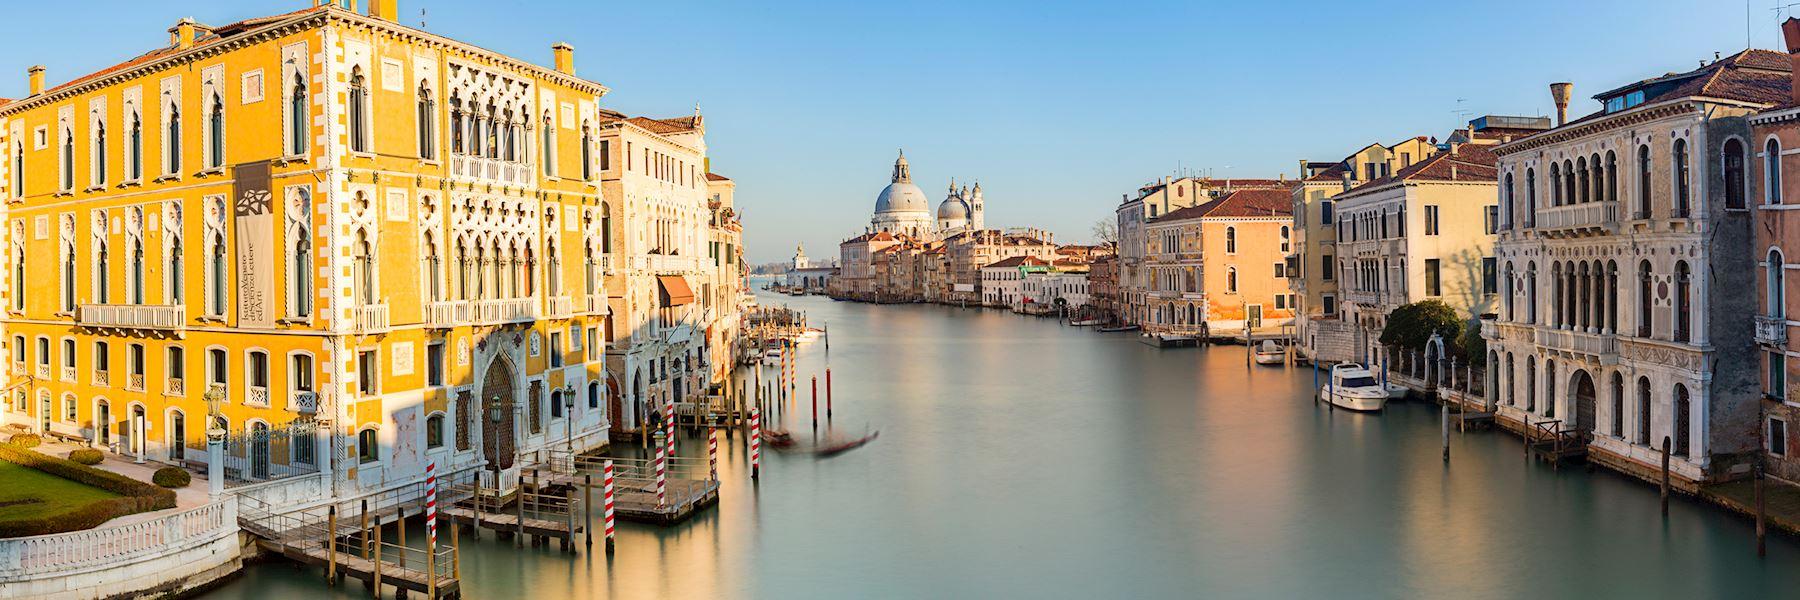 Italy travel advice